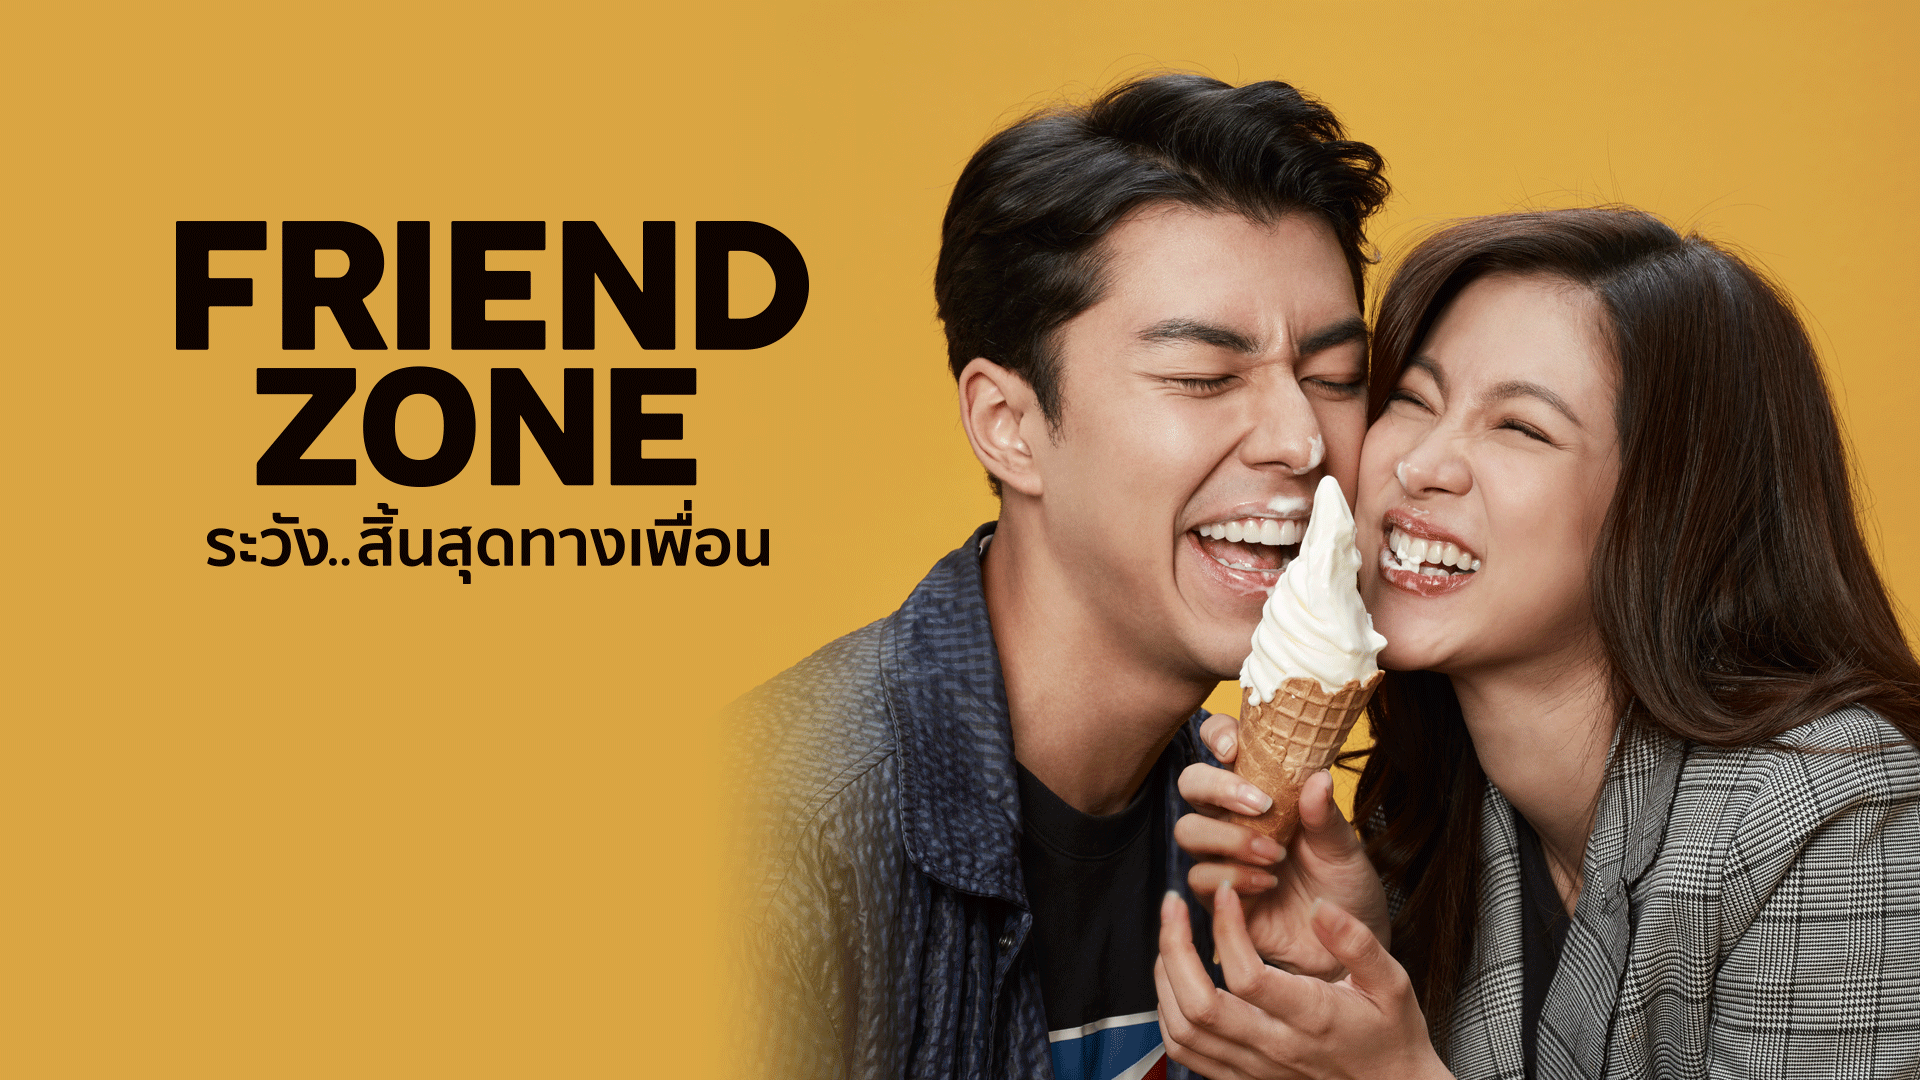 รีวิว หนัง Friend Zone หรือชื่อไทยว่า ระวัง..สิ้นสุดทางเพื่อน